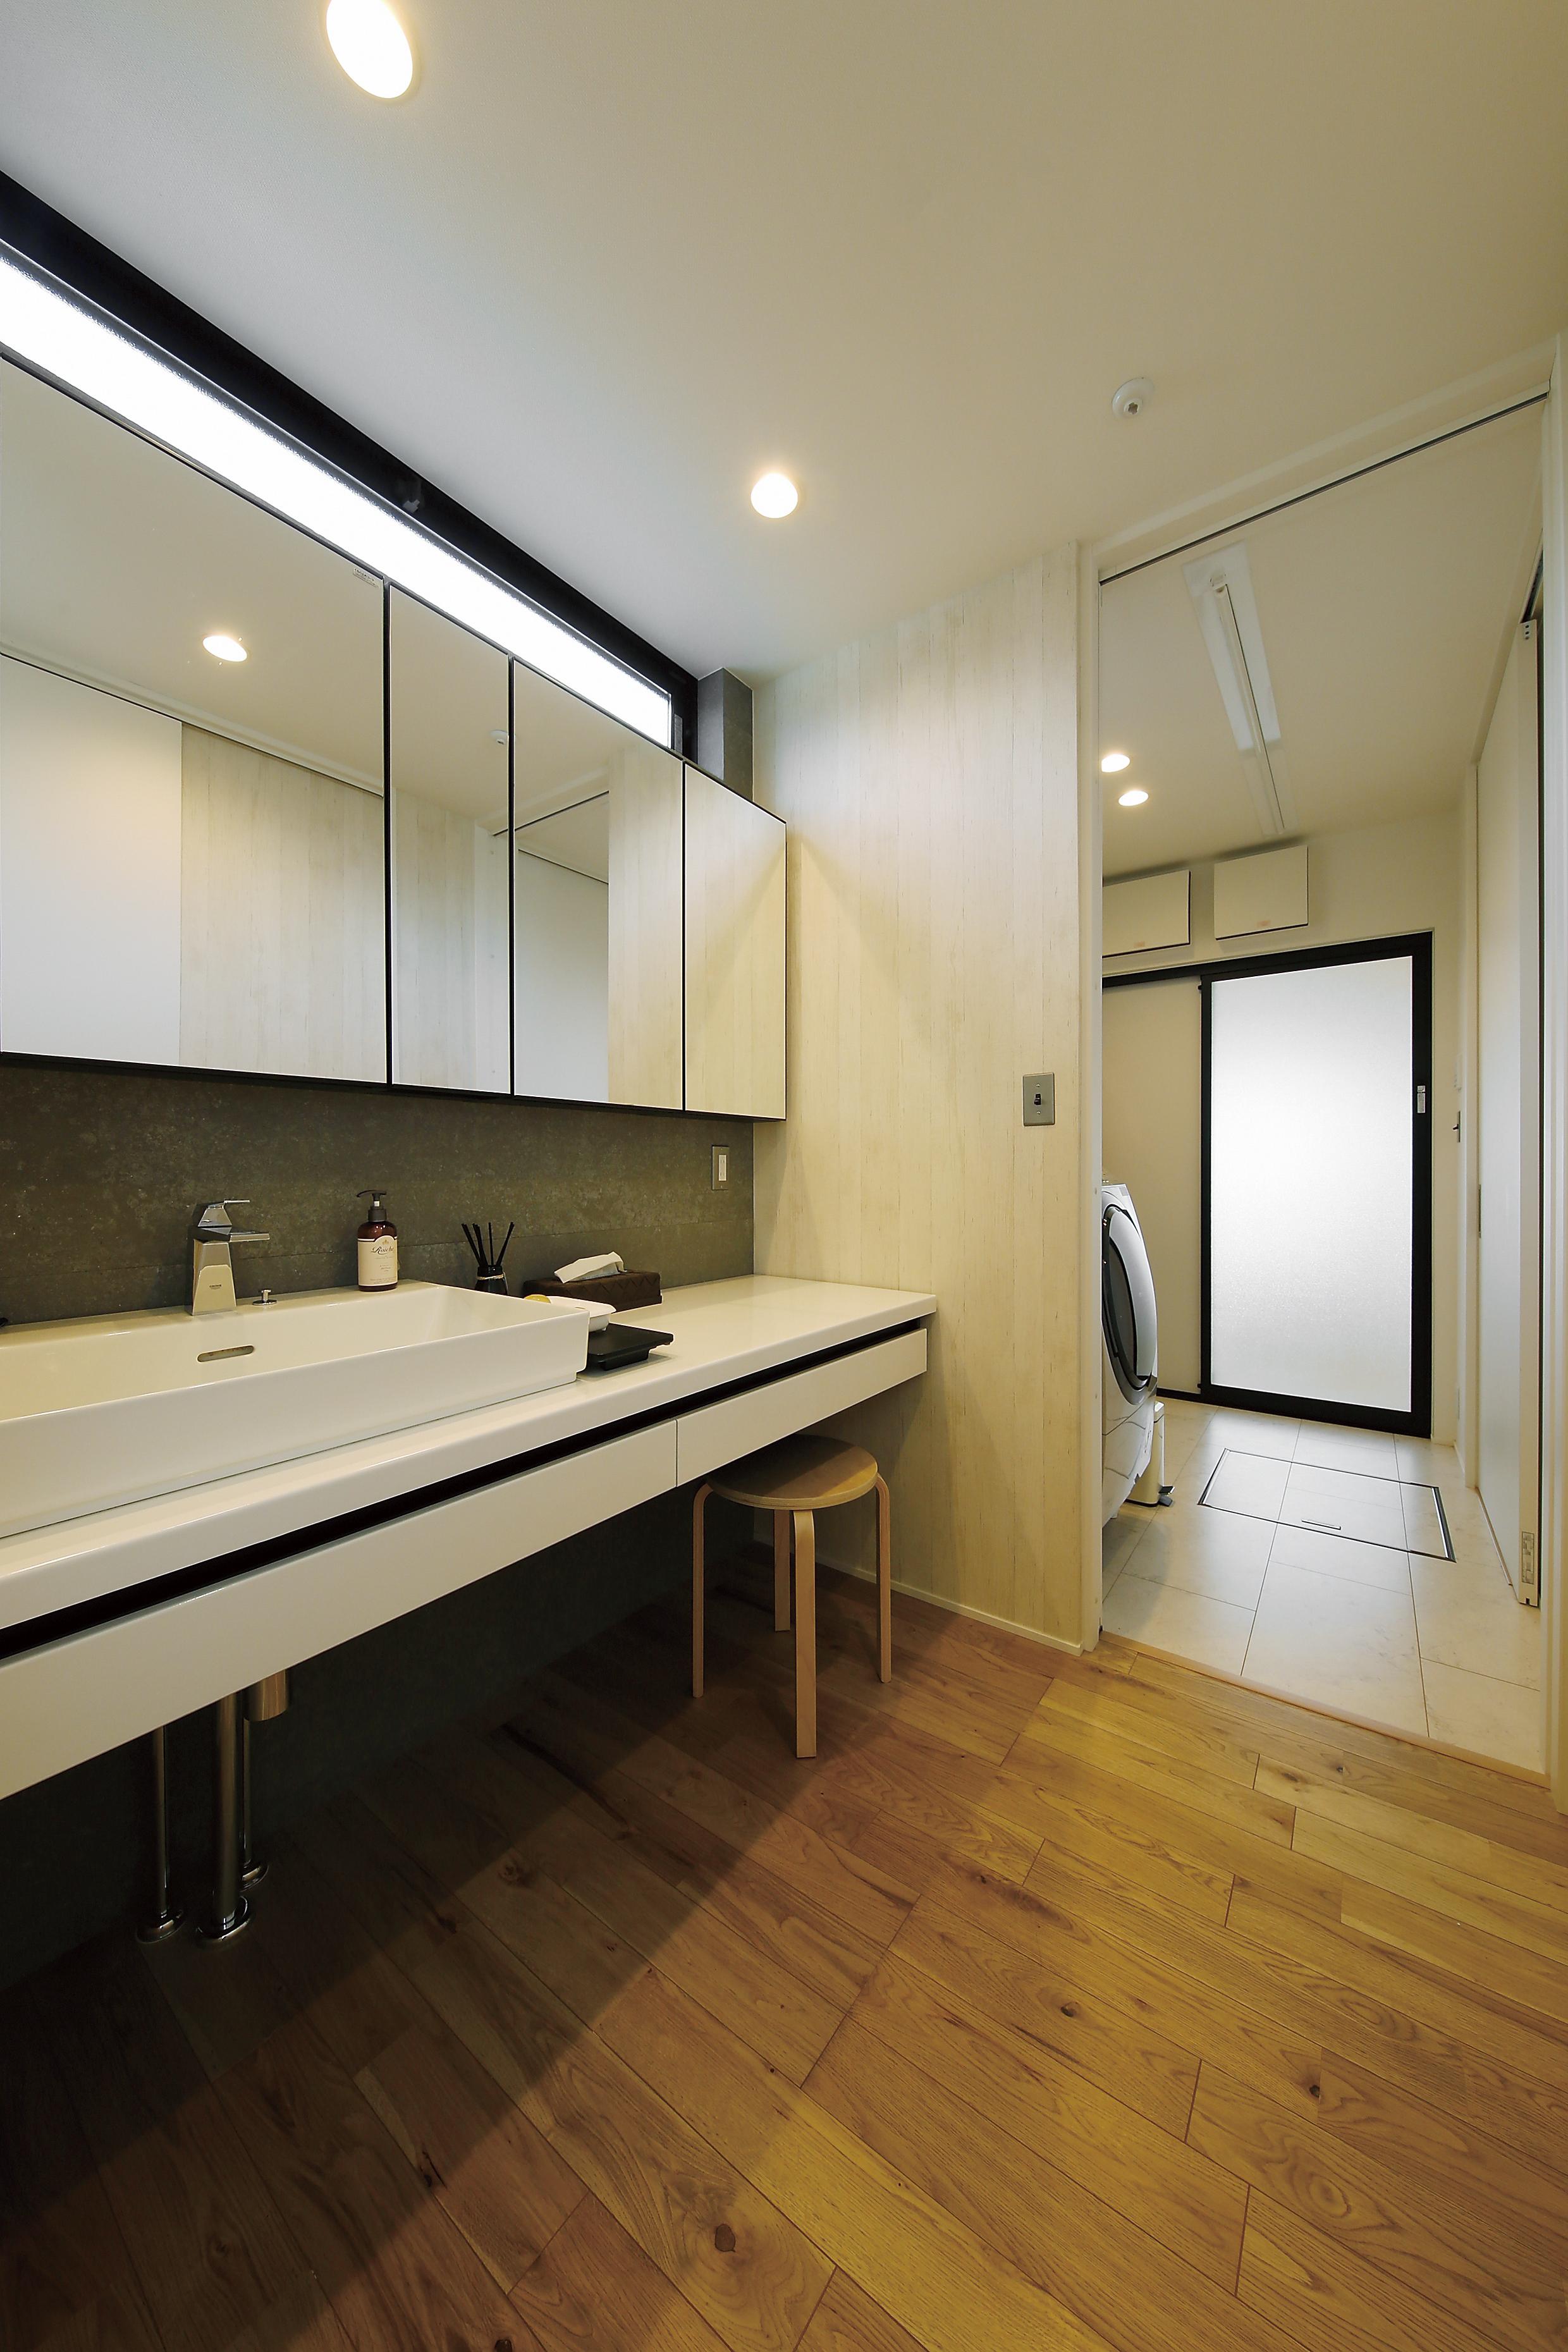 洗面化粧台はホテルのようにスタイリッシュに仕上げました。